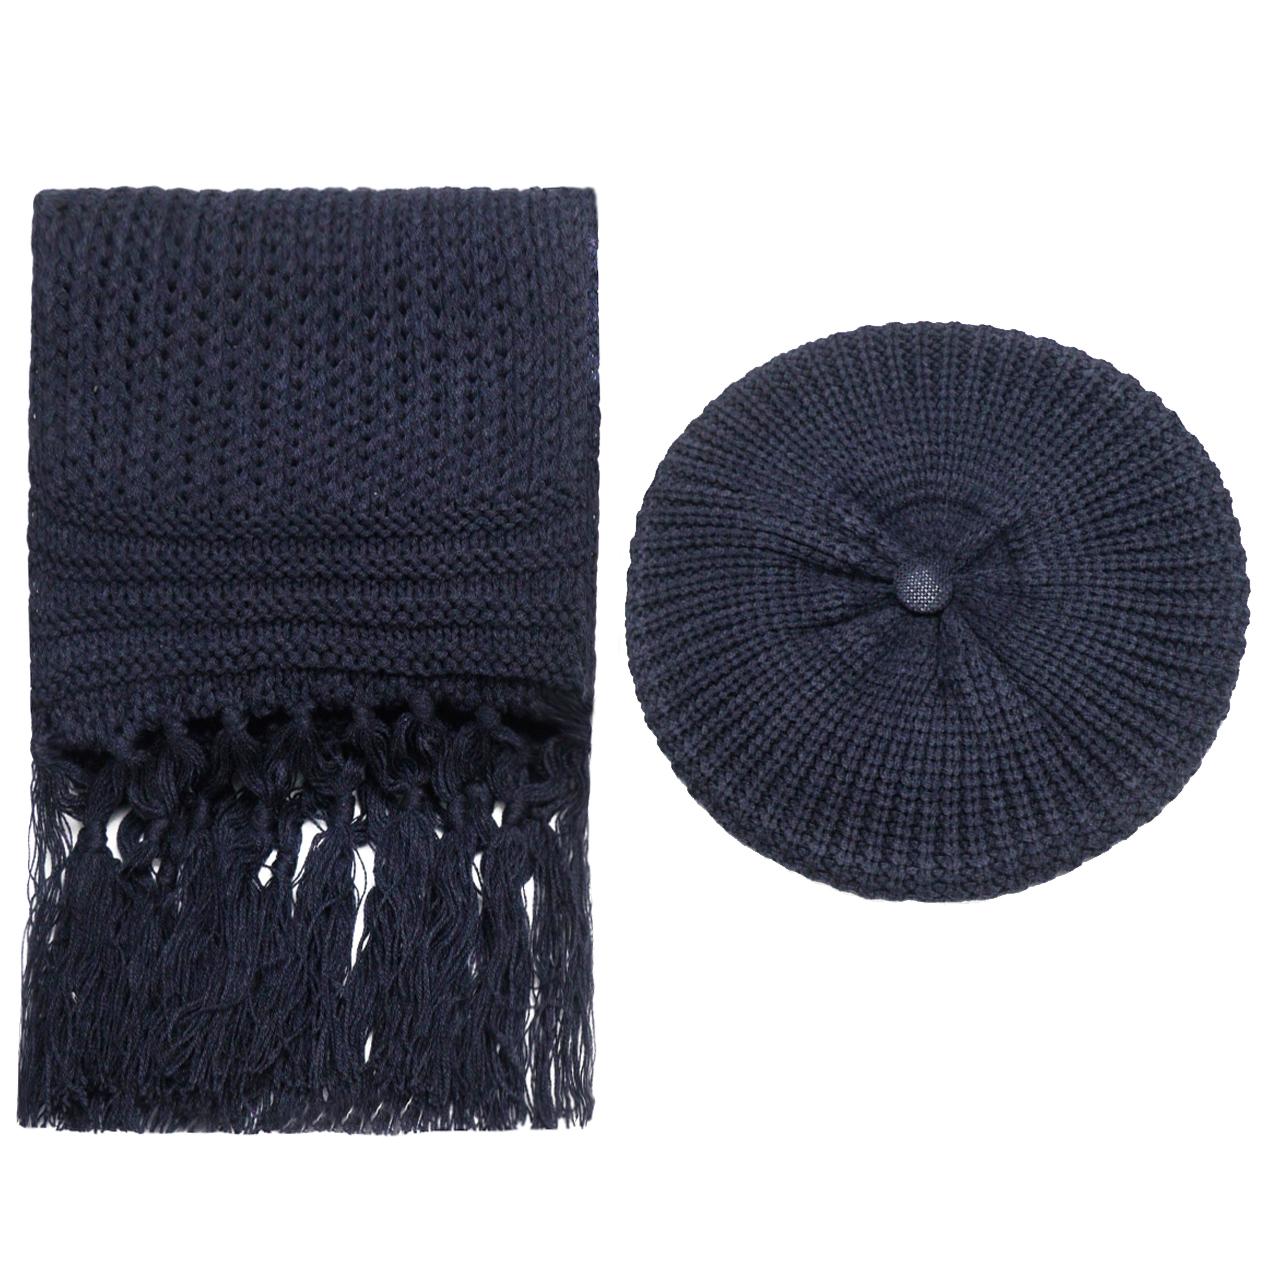 ست کلاه و شال گردن بافتنی زنانه کد Tp_44194-68